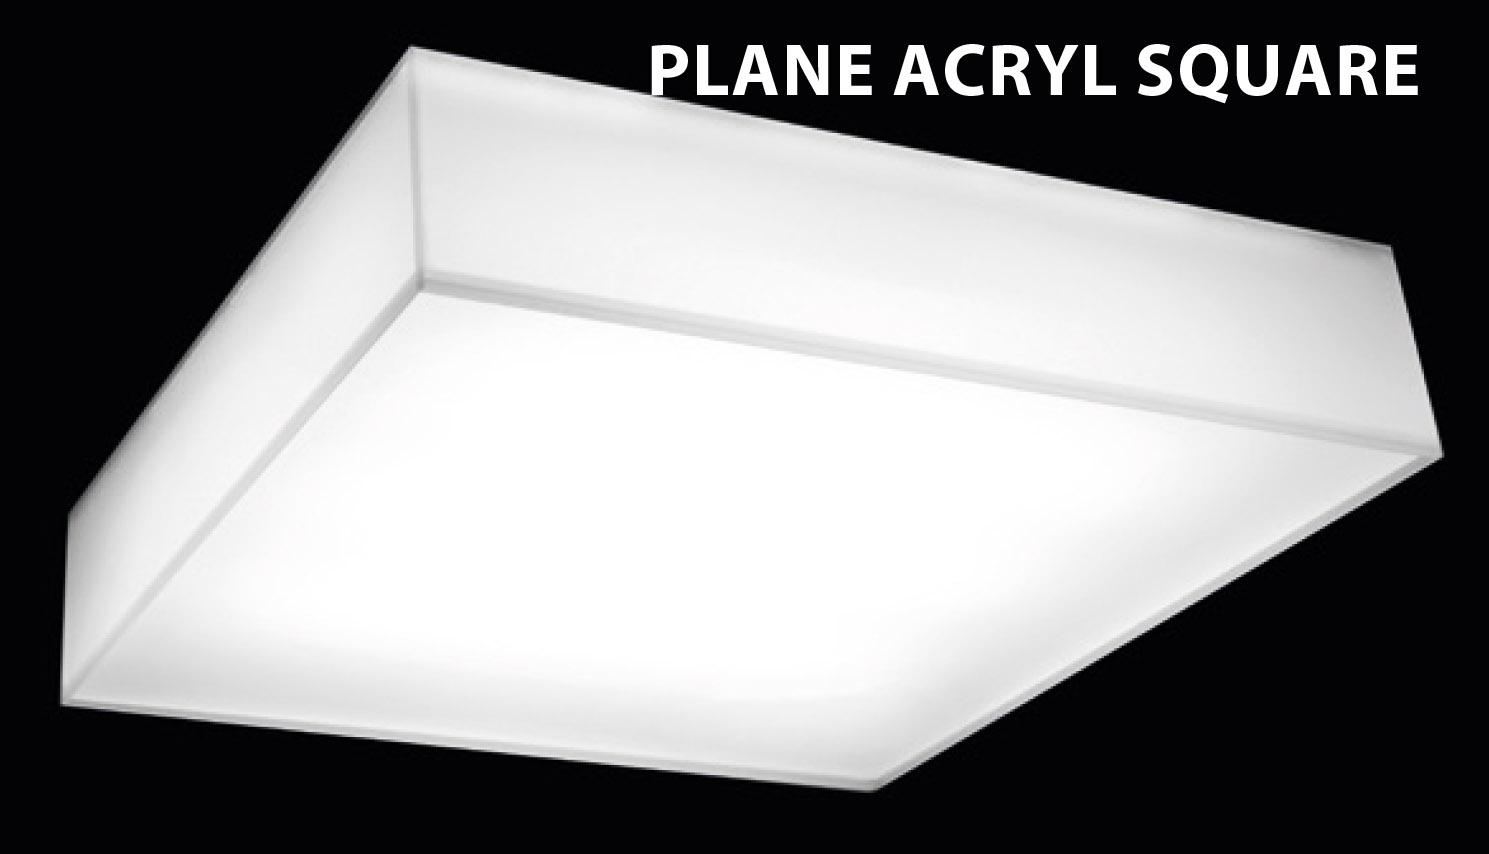 Plane Acryl Square